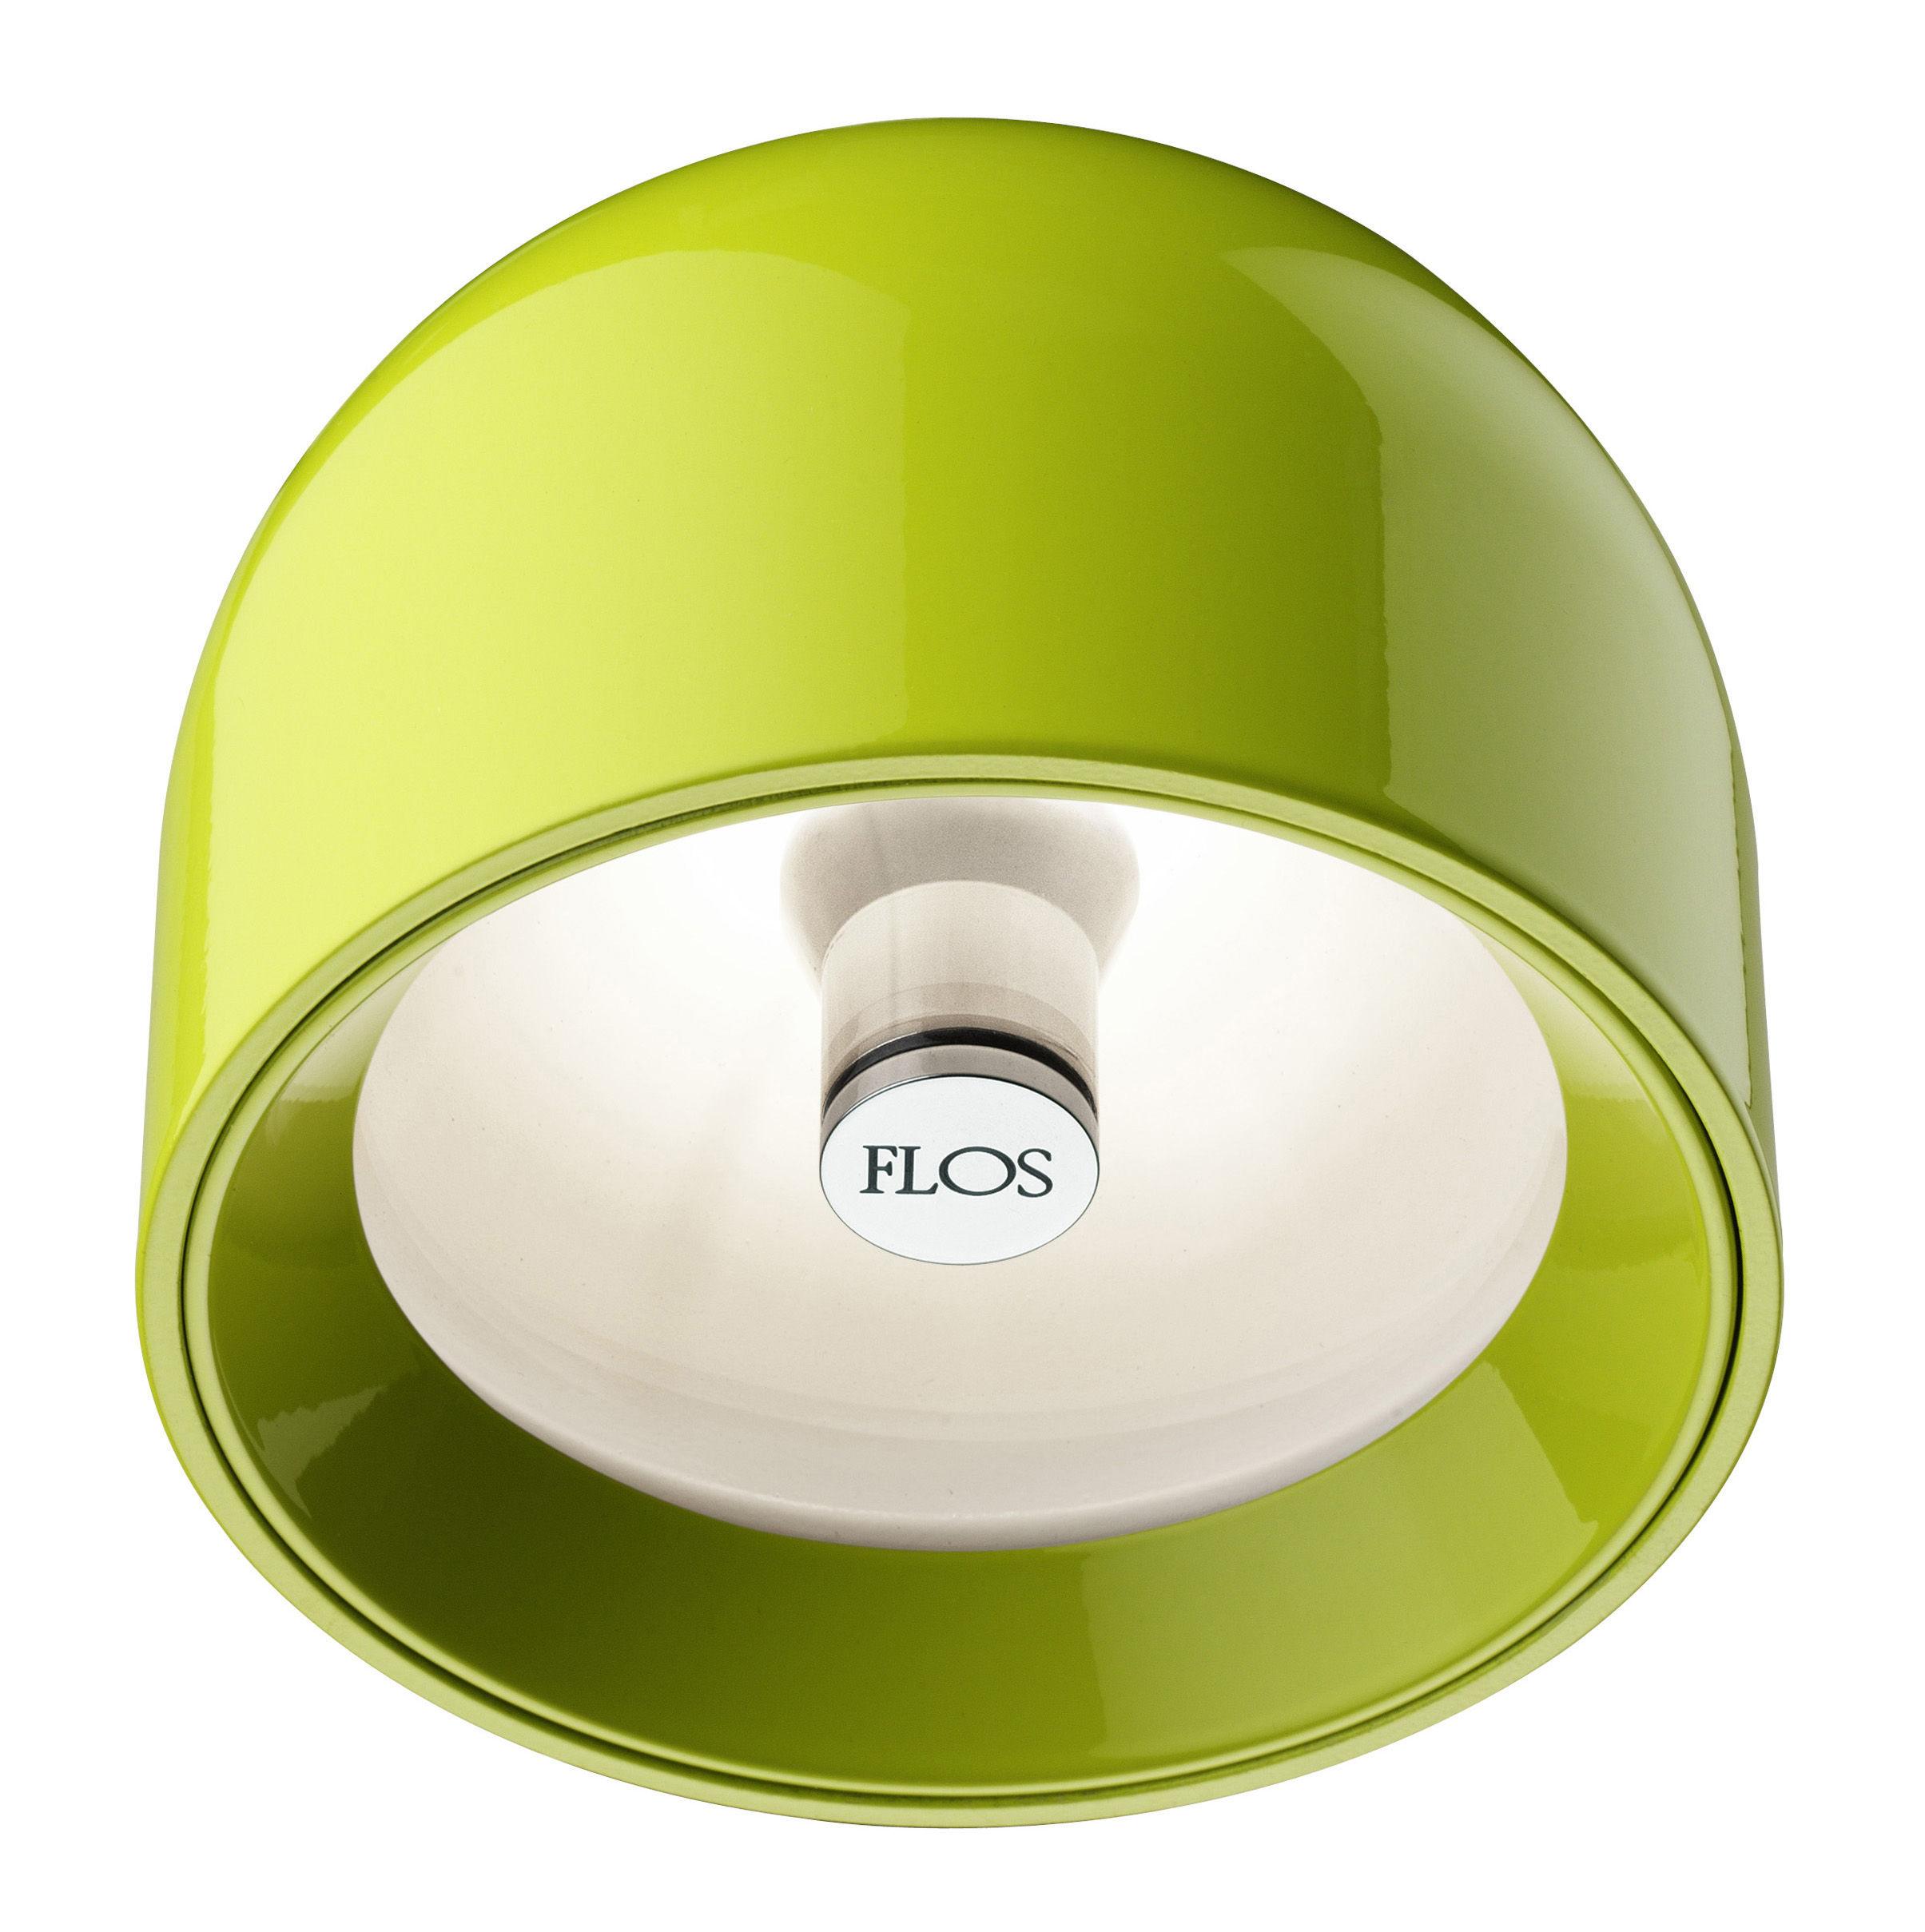 Leuchten - Wandleuchten - Wan Wandleuchte Deckenleuchte - Flos - Grün - Aluminium